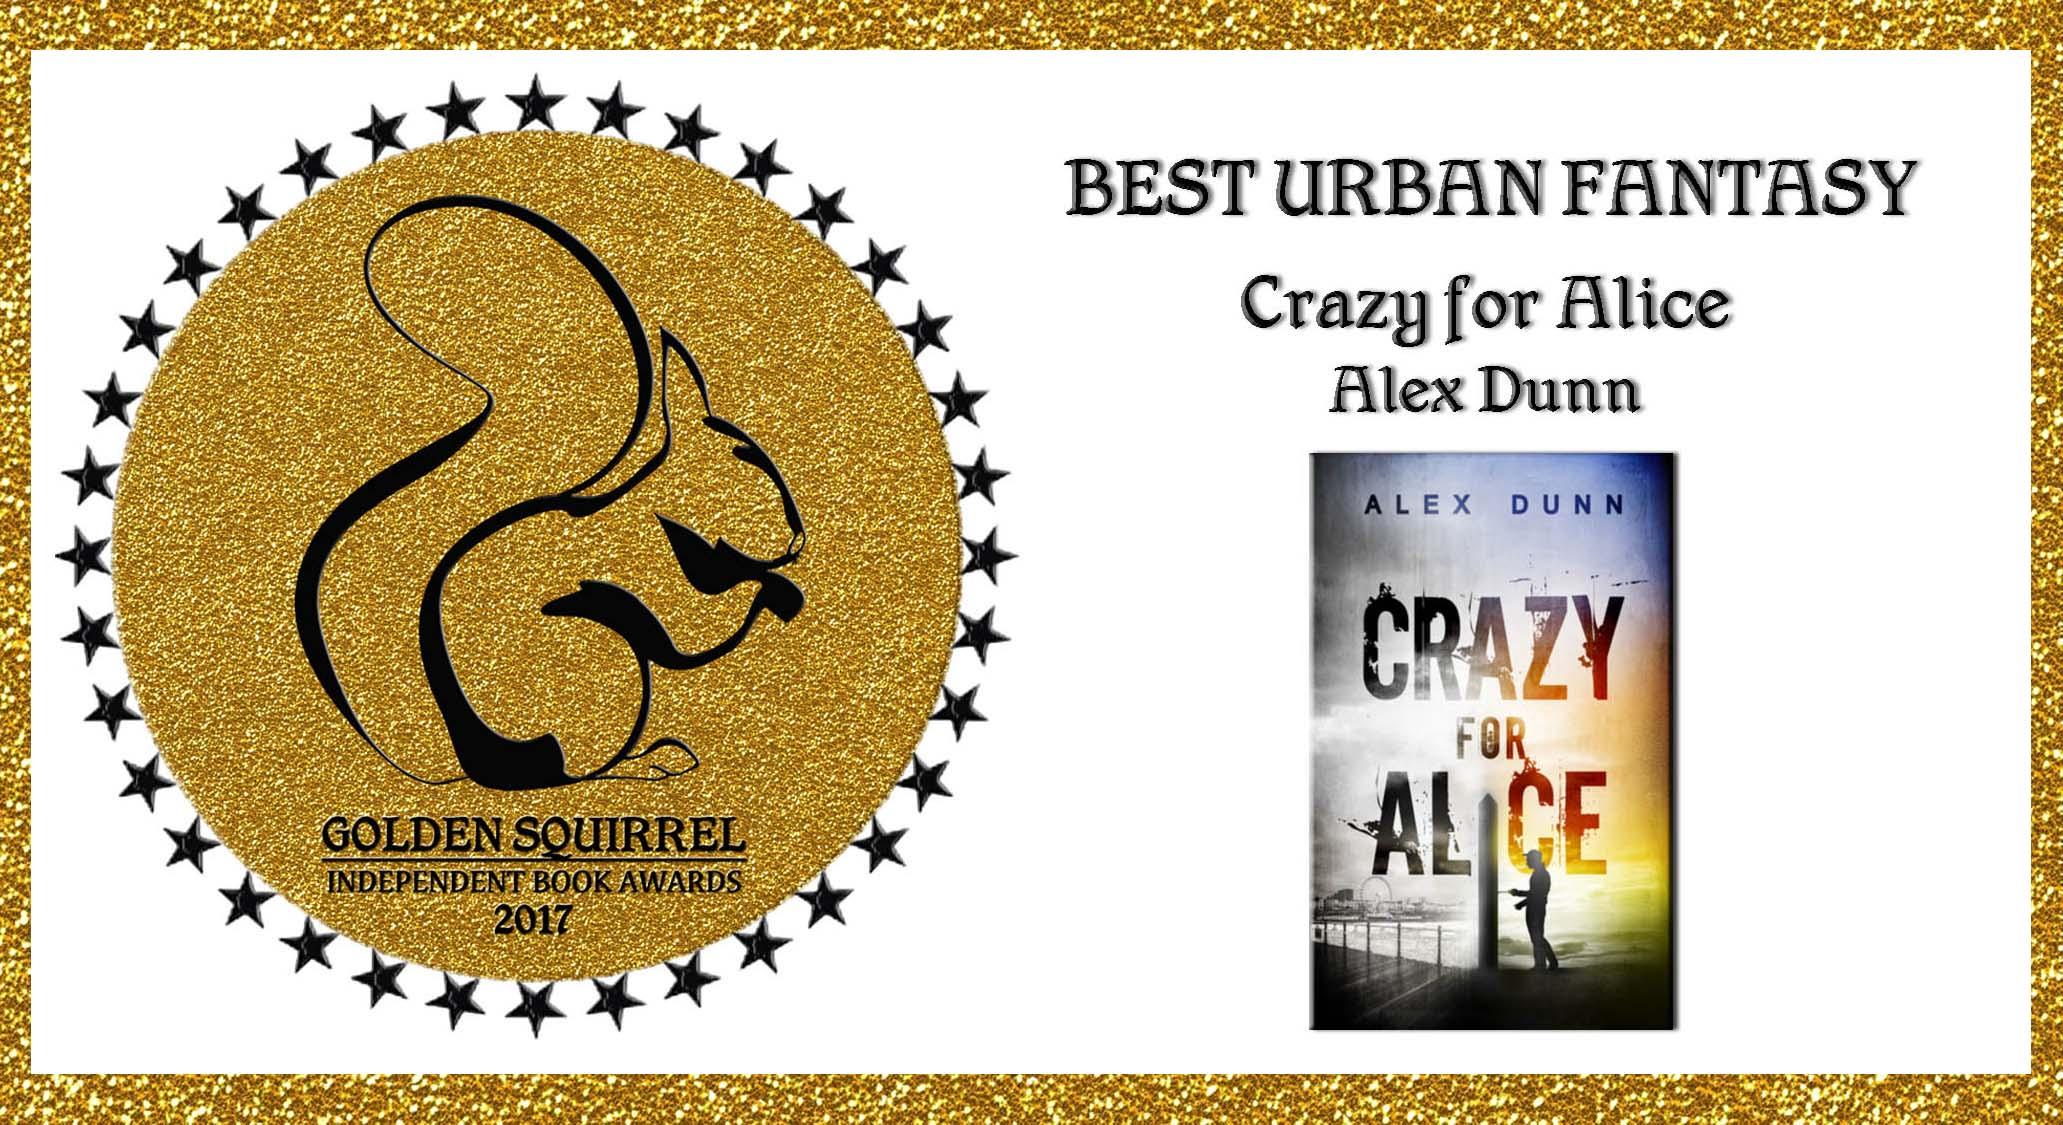 Golden Squirrel Best Urban Fantasy